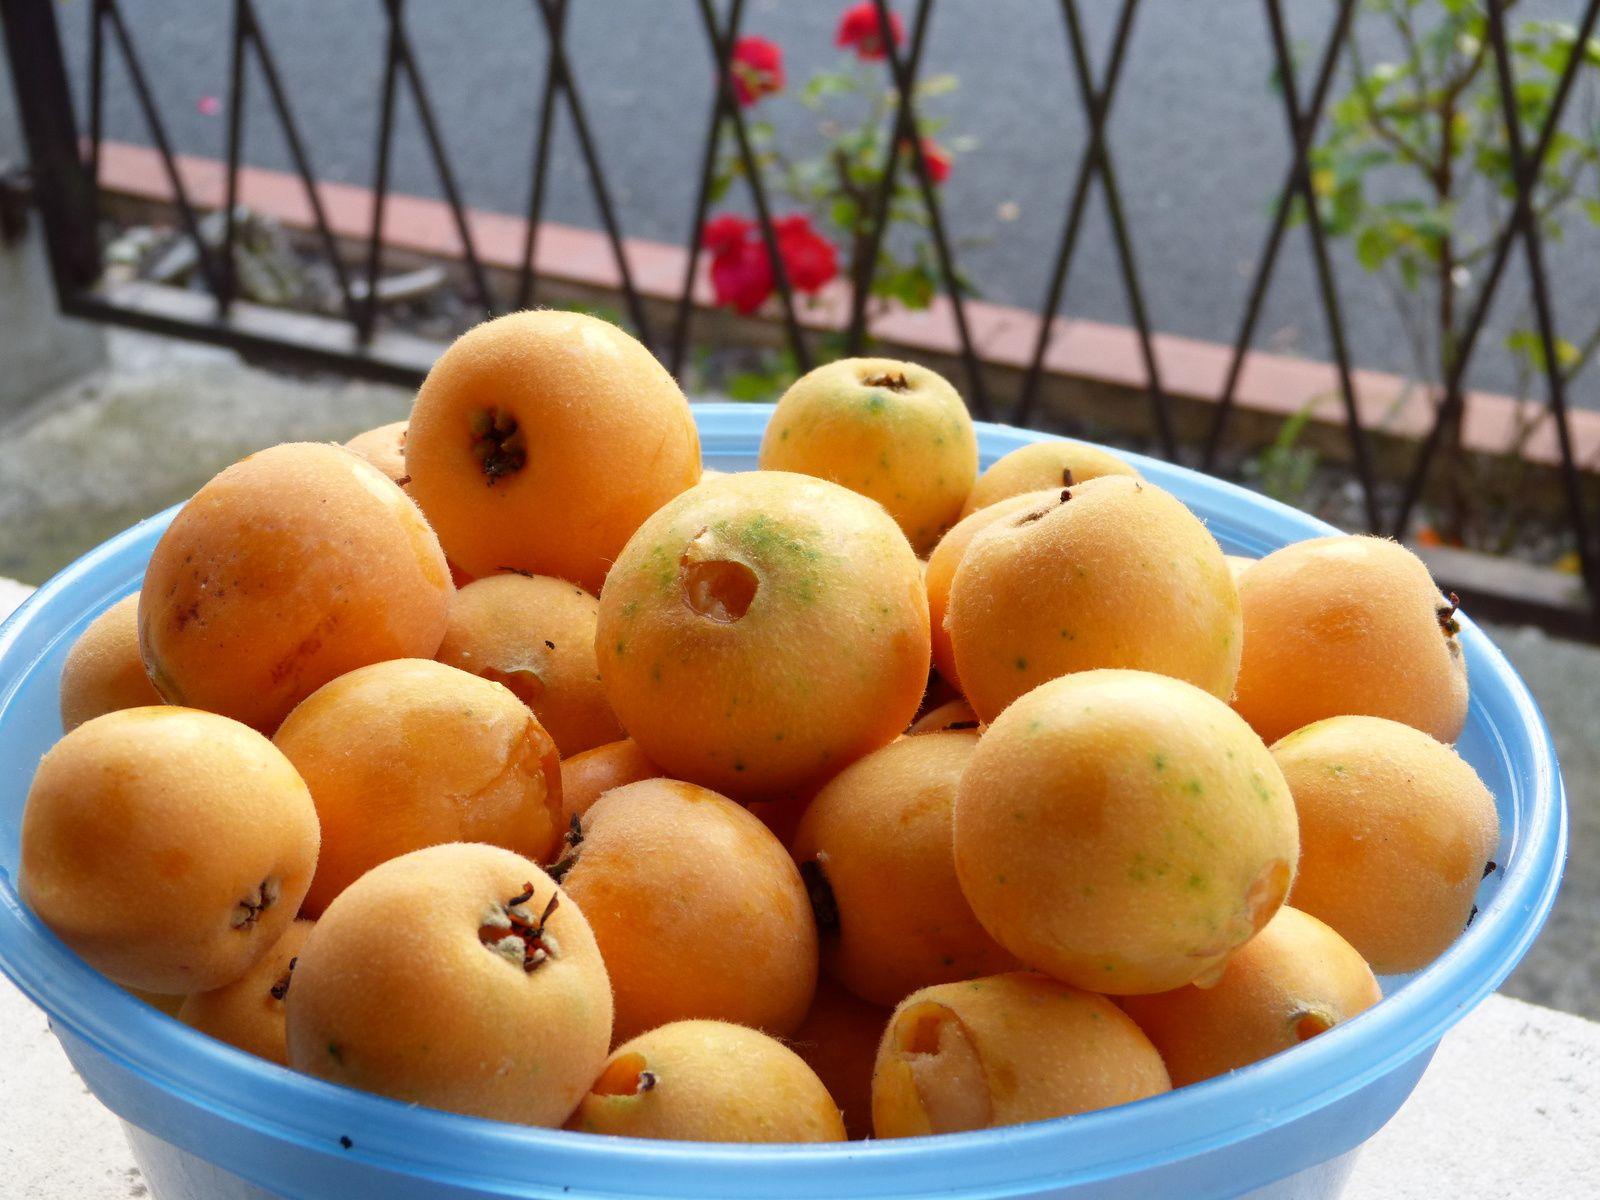 Le néflier n'ayant pas souffert des gelées cette année est hyper chargé de fruits pour notre plus grand plaisir